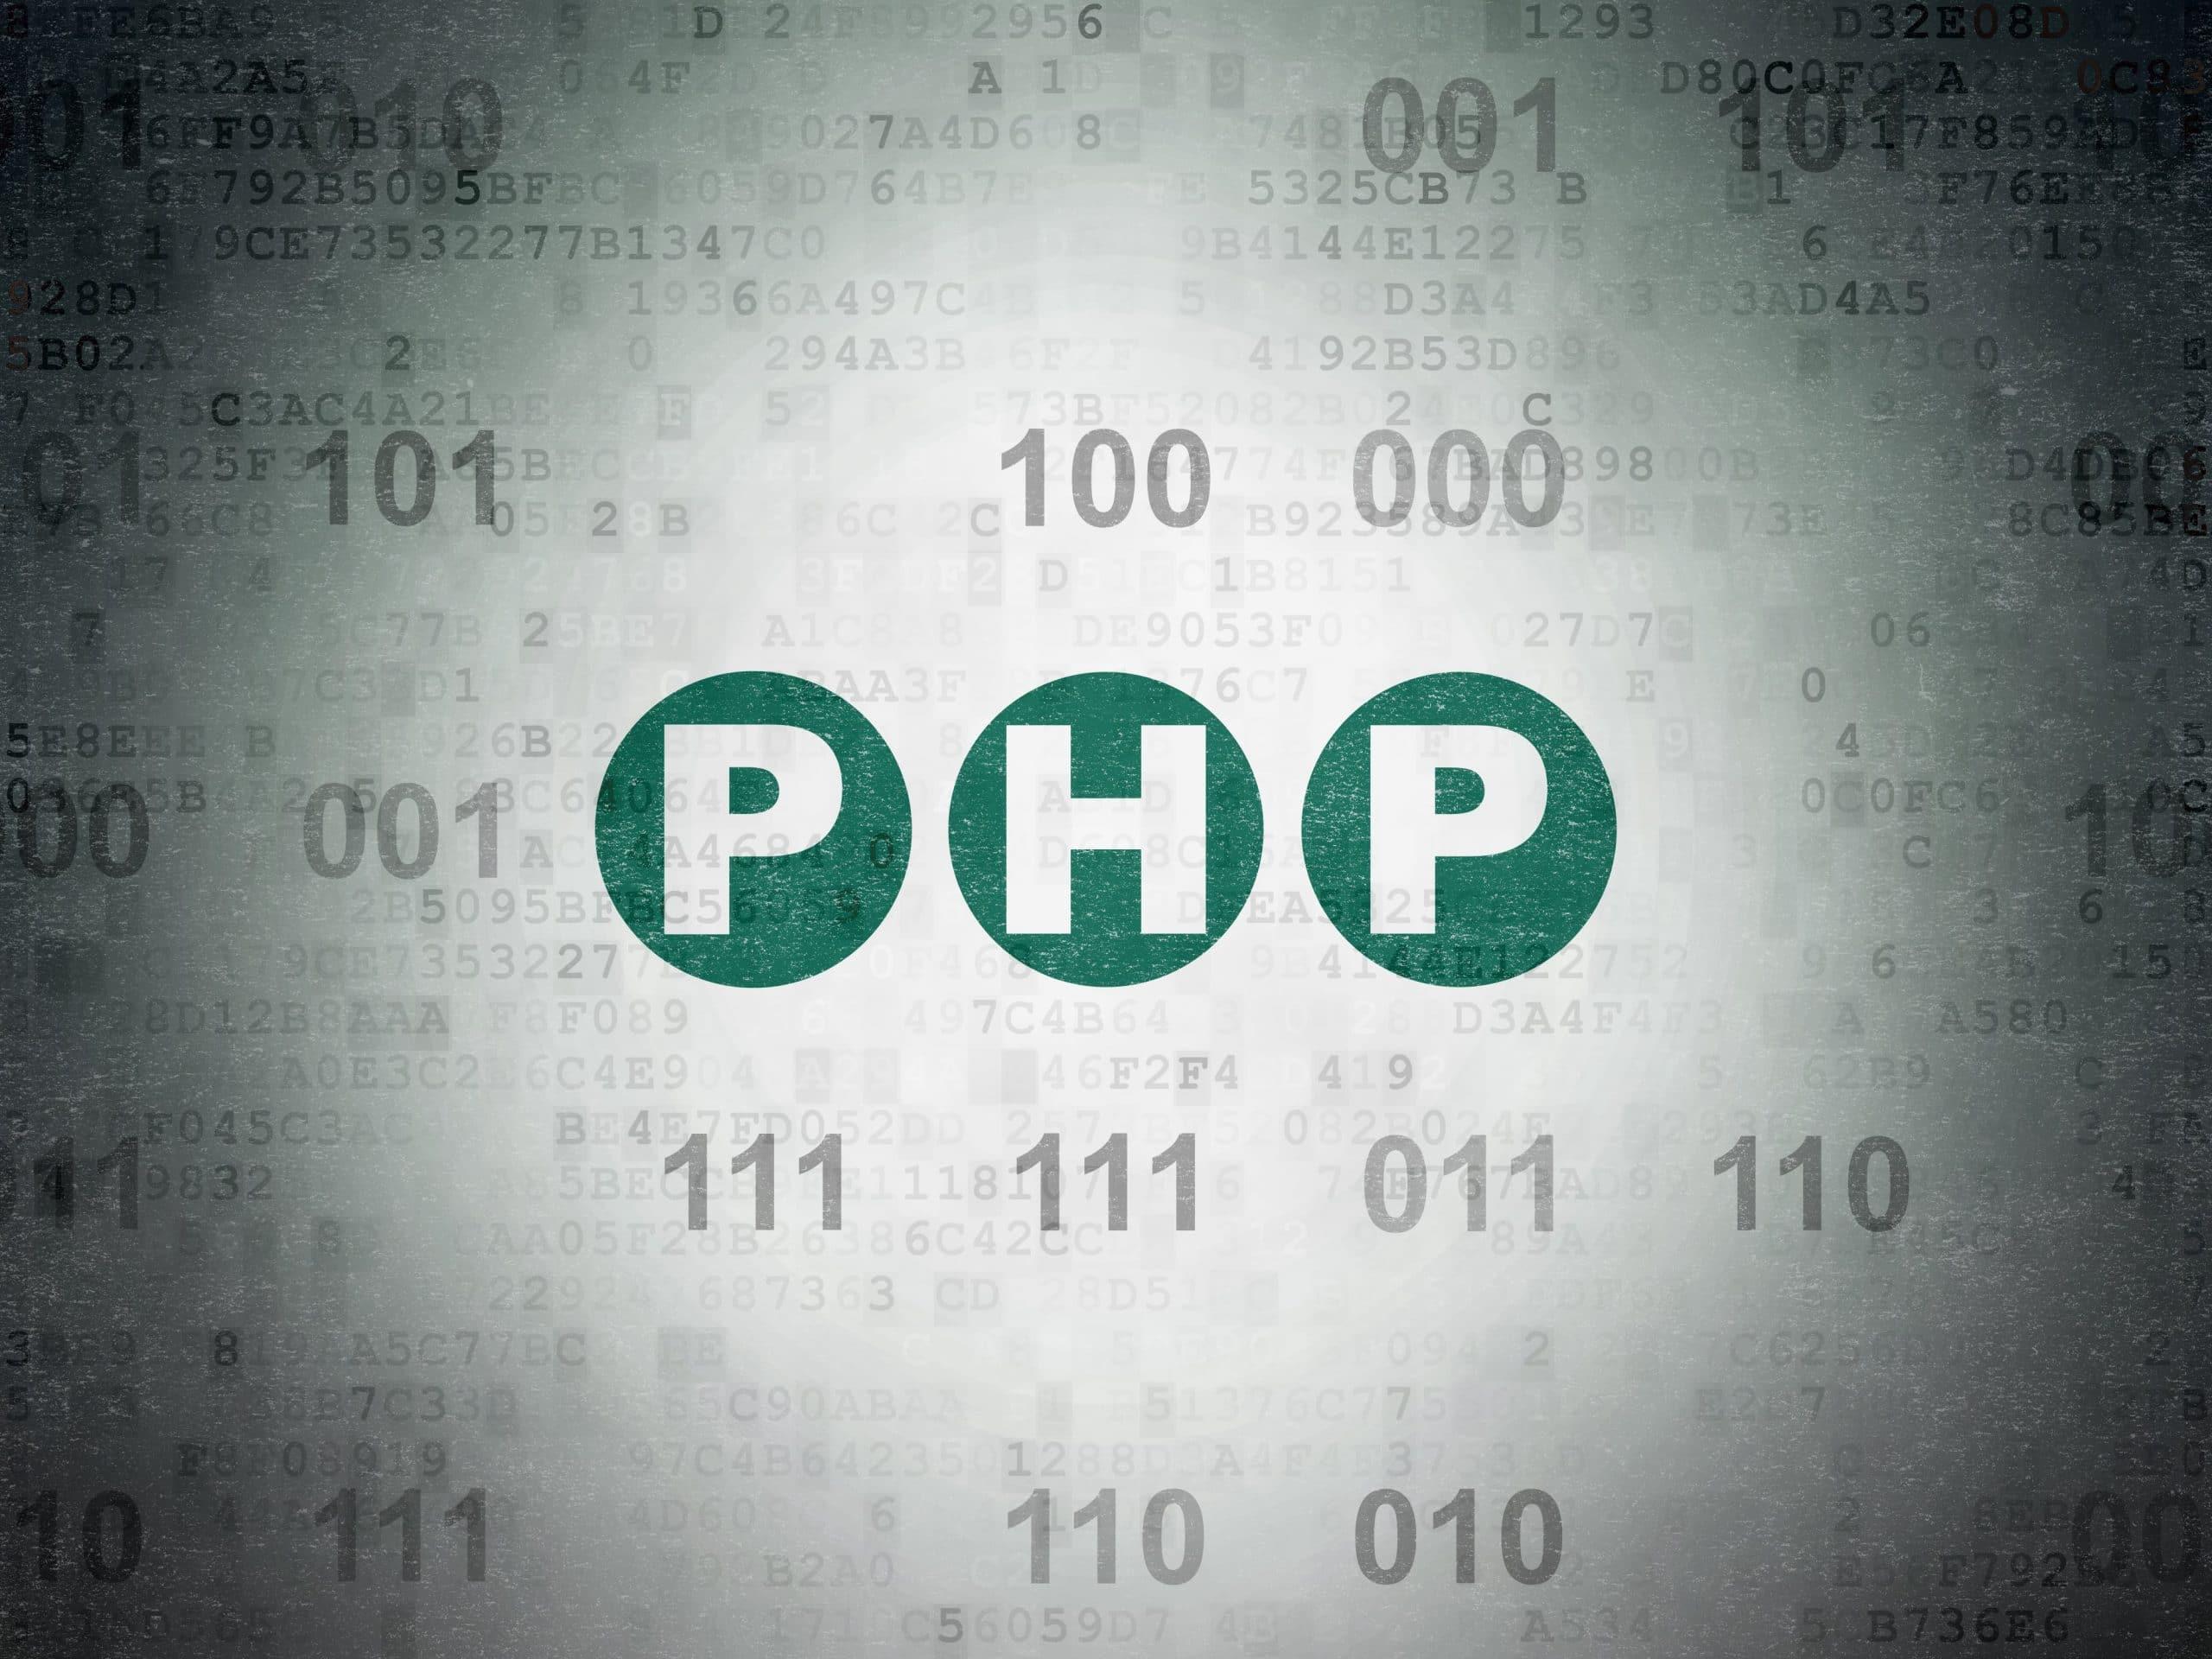 PHPとは?WordPressでの使われ方を解説